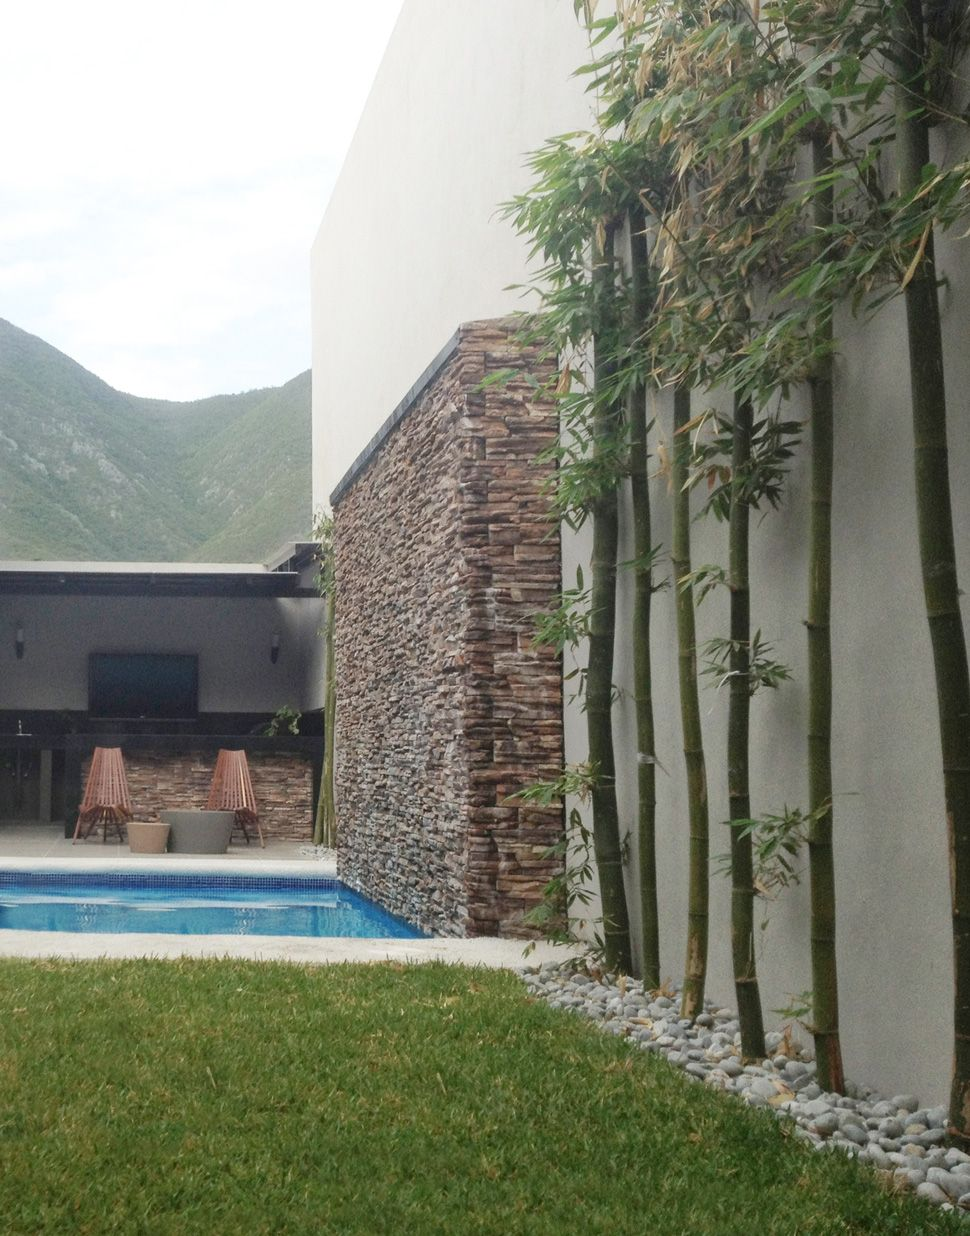 Jard n con sala techada alberca muro llor n y asador - Muro exterior casa ...